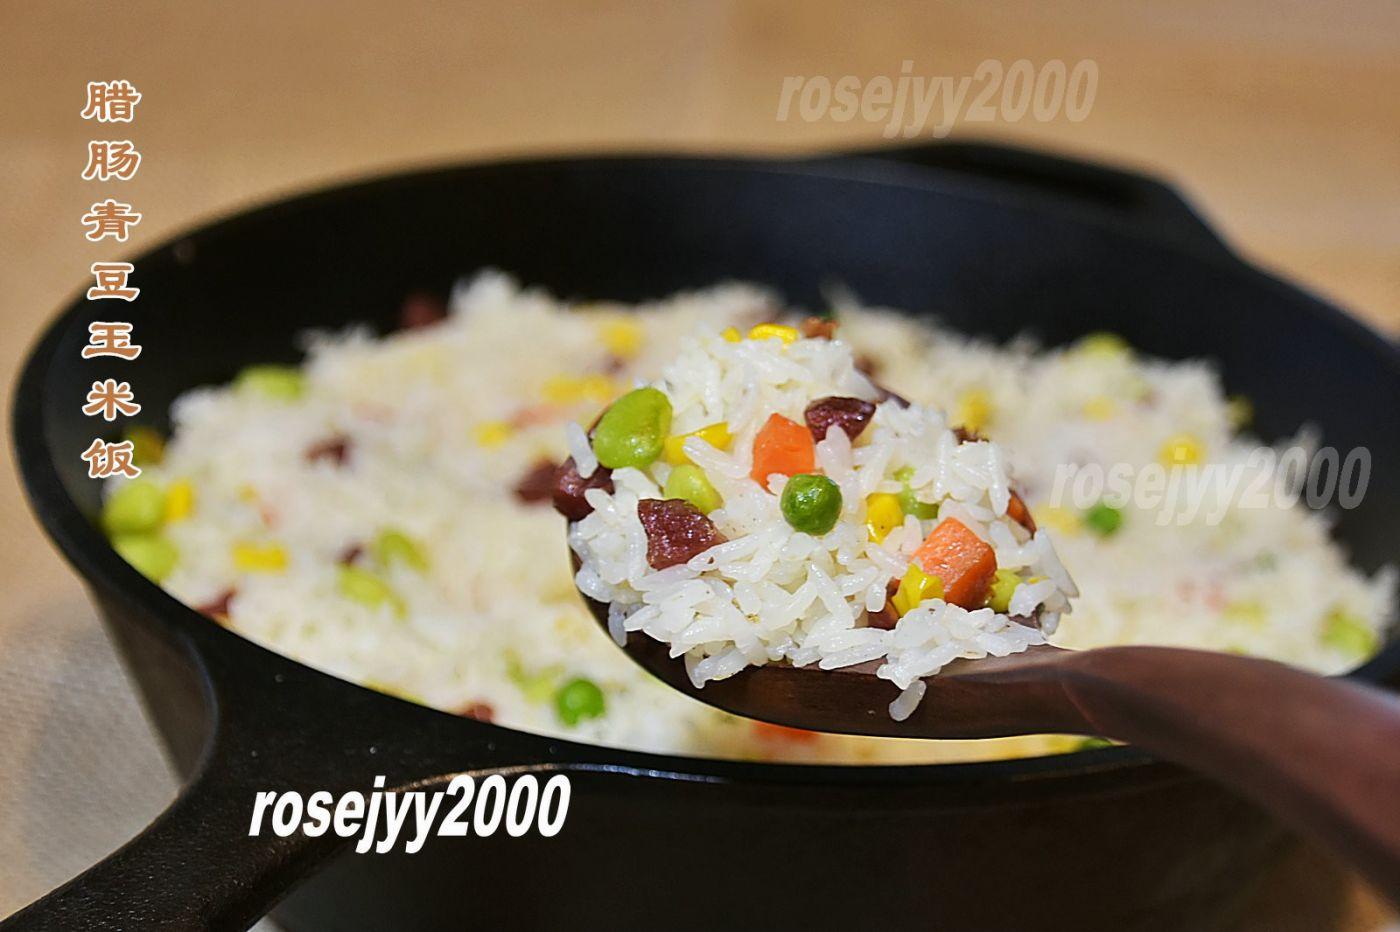 铁锅腊肠蔬菜饭_图1-1